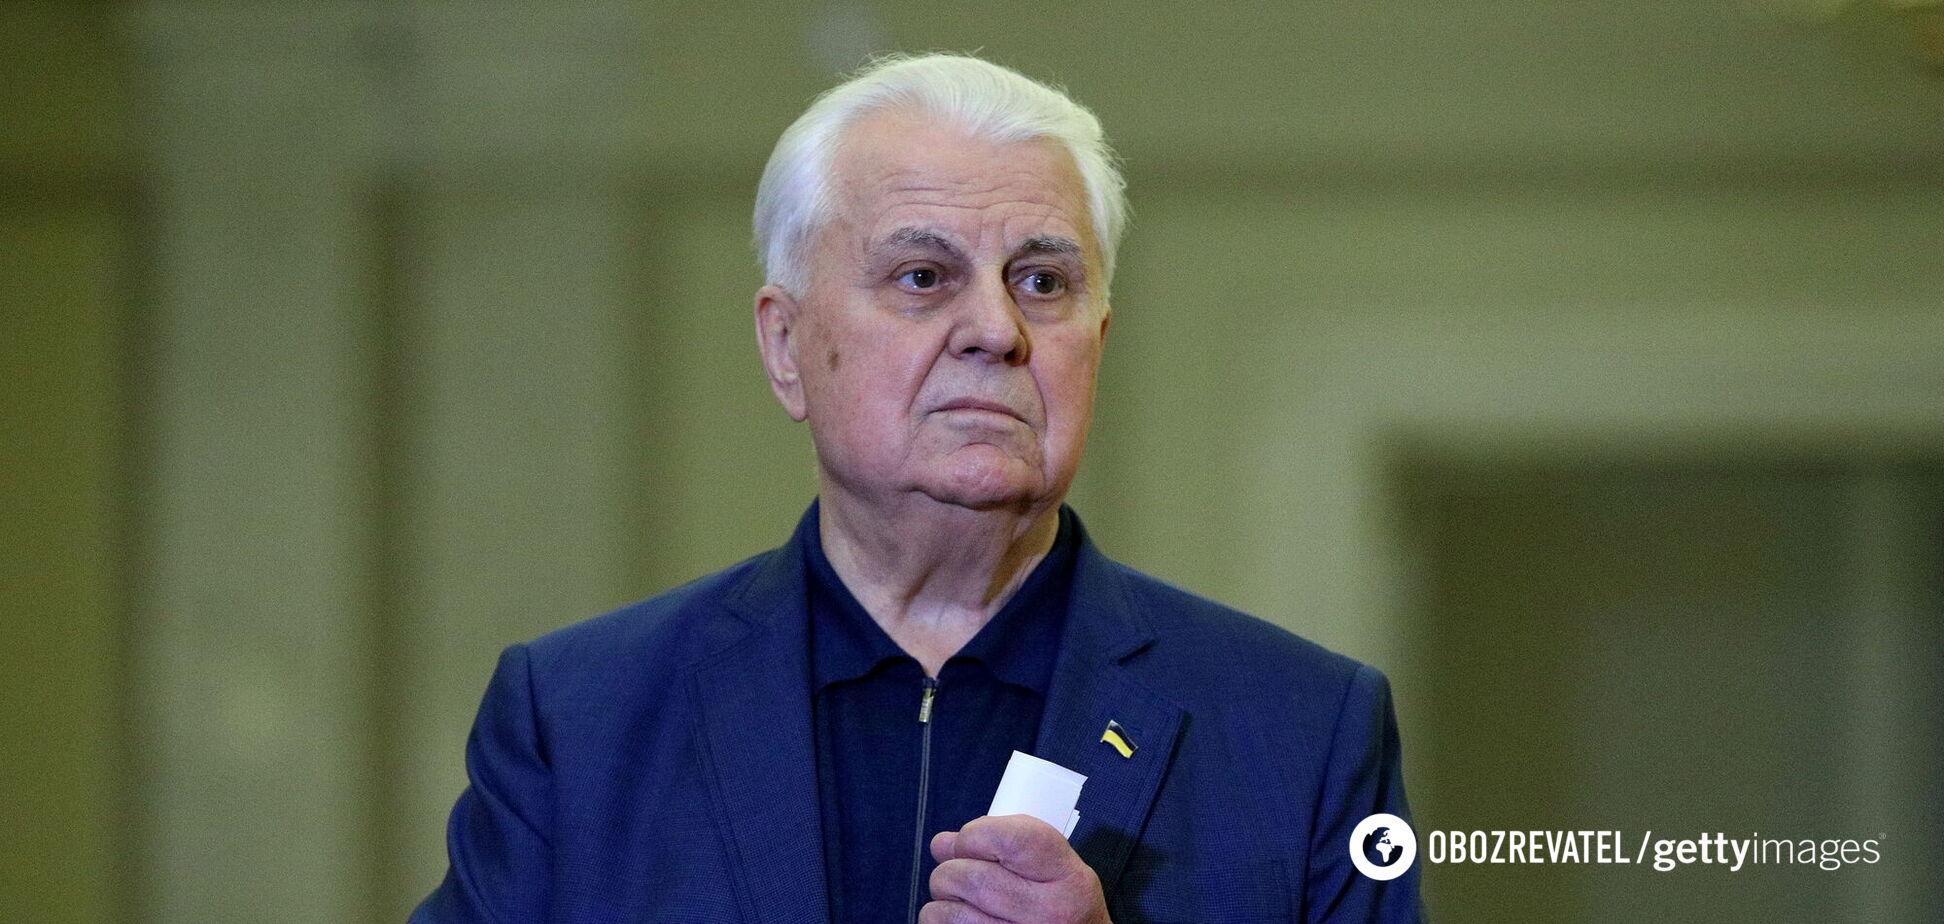 Кравчук: передачі полонених із 'Л/ДНР' не буде – такий формат незаконний